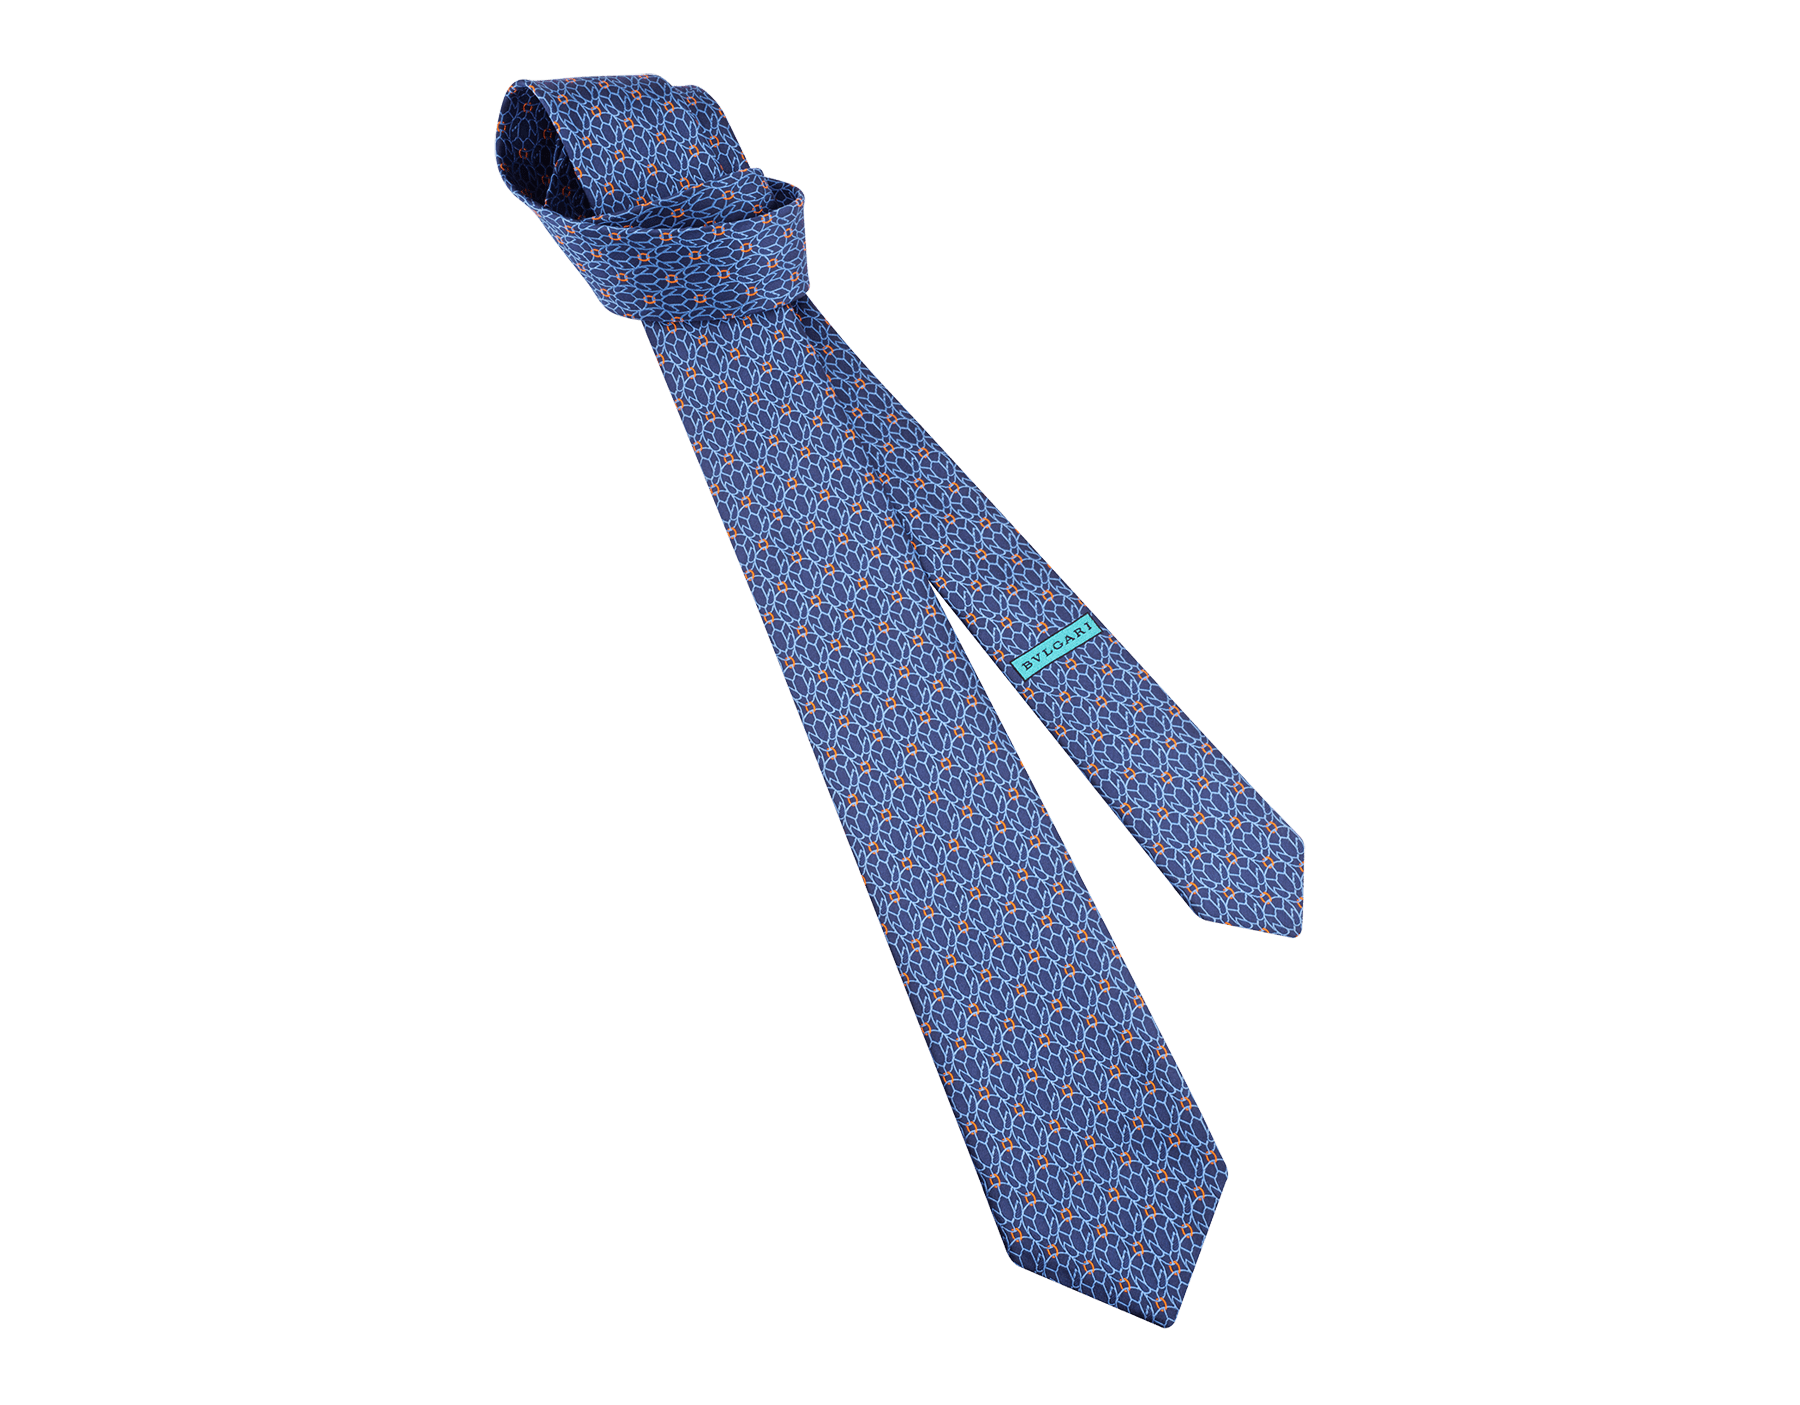 """Siebenfach gefaltete blaue Krawatte mit """"Neon Snake"""" Muster aus feiner Seide. 243676 image 1"""